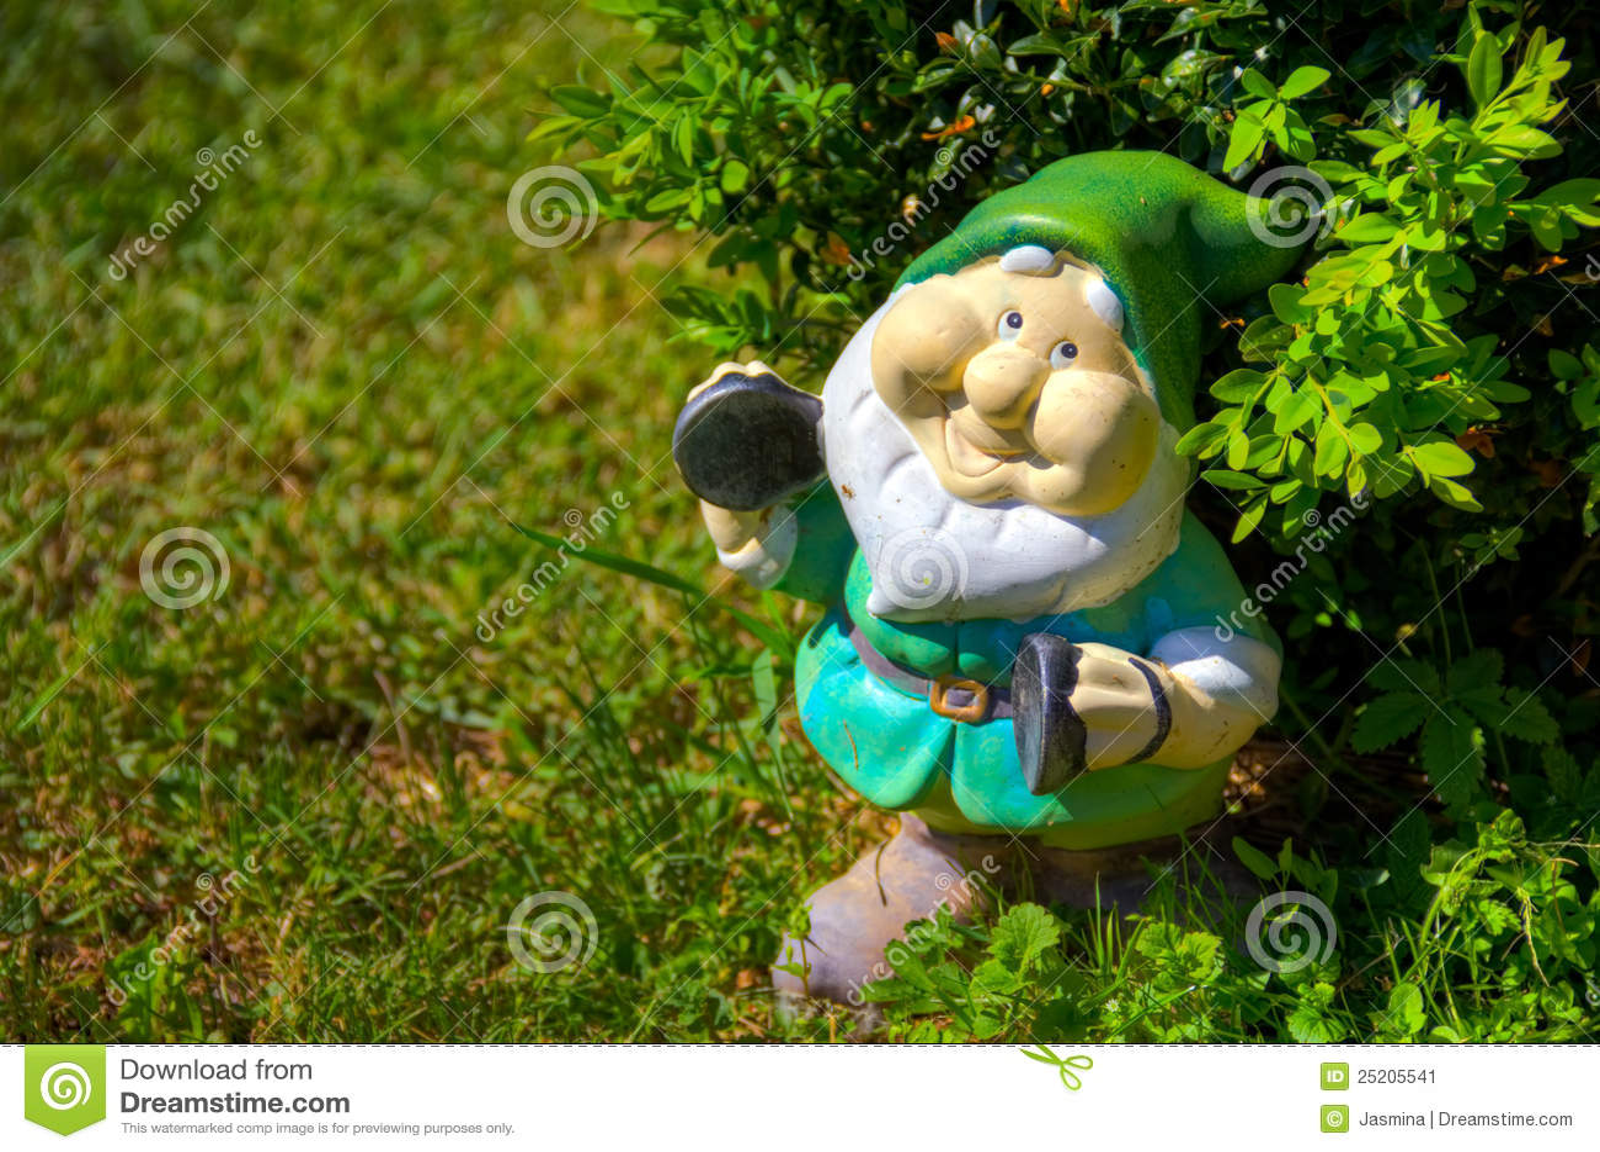 anao de jardim desciclopedia : An?o Do Jardim Imagem de Stock - Imagem: 25205541